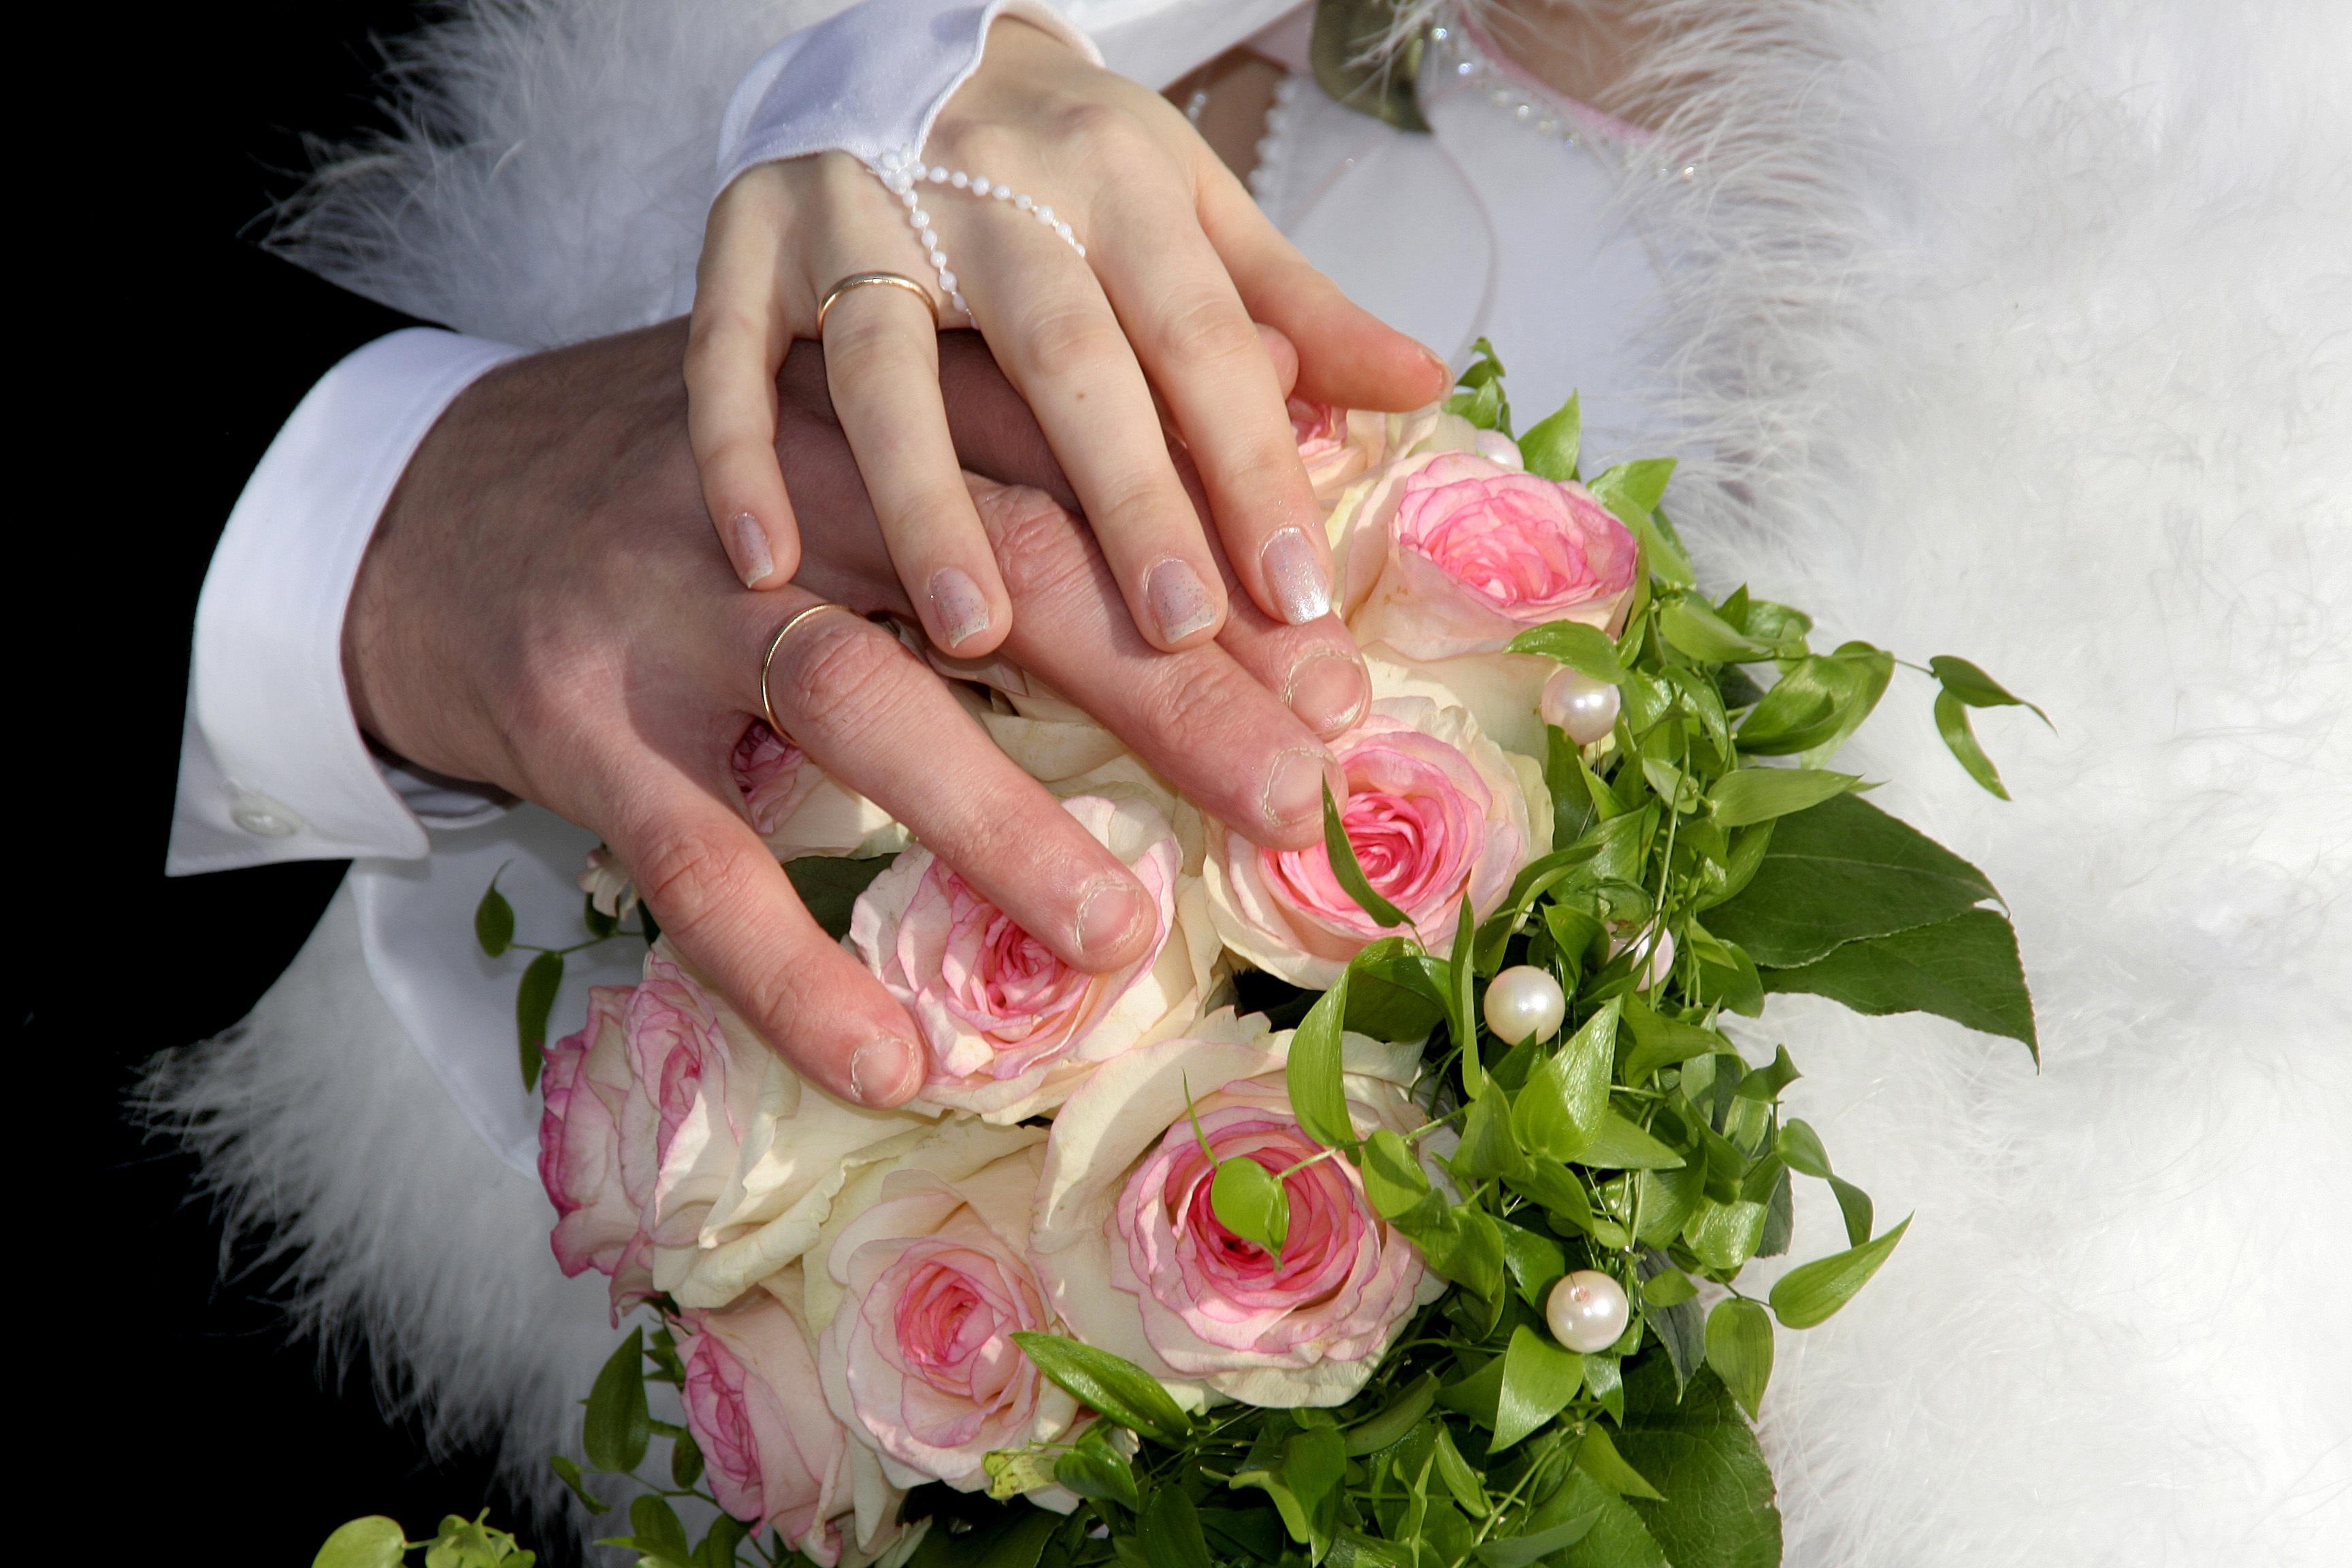 【晩婚化の影響で❗】